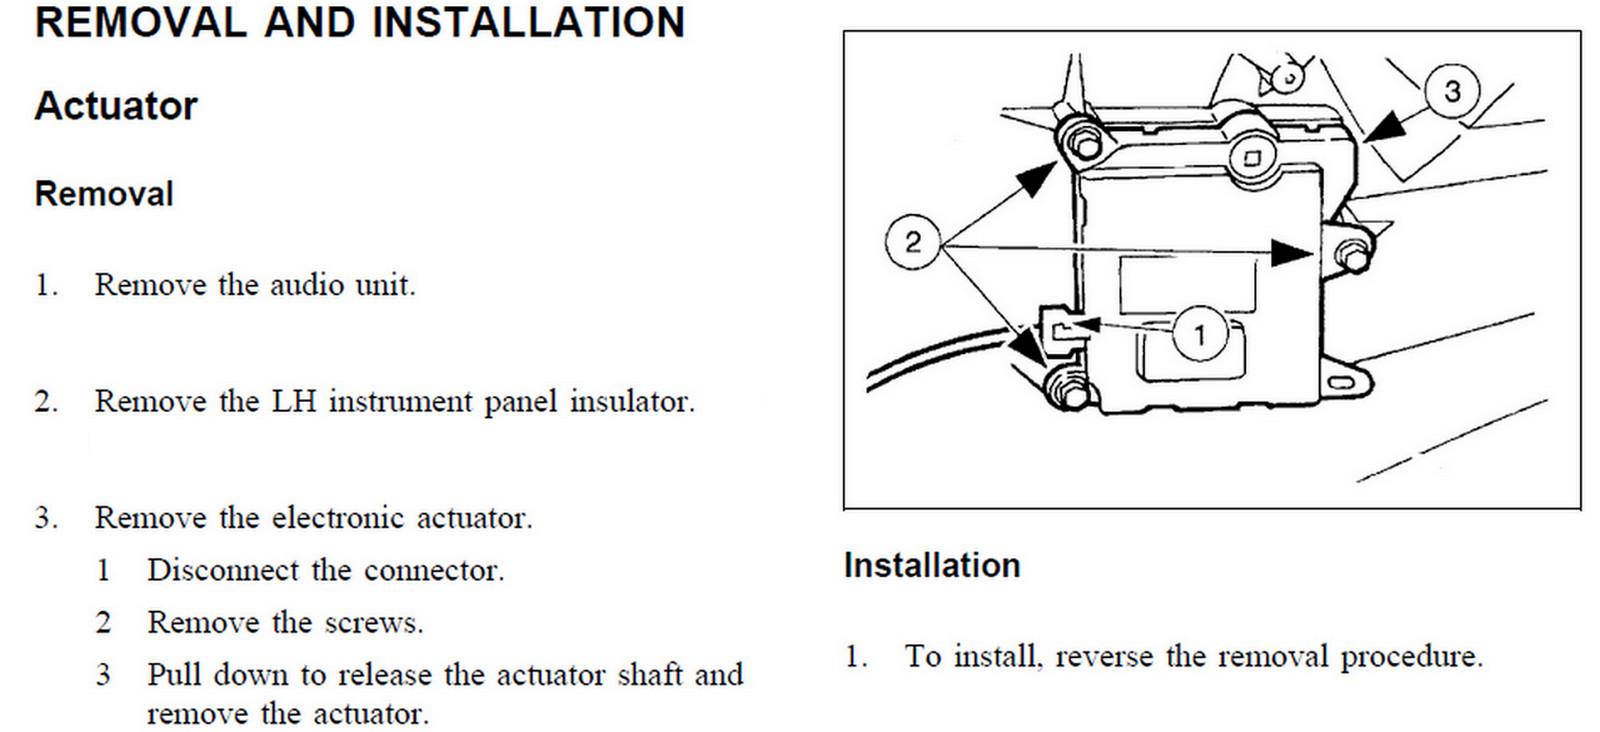 Tolle 2003 Ford Windstar Schaltplan Bilder - Der Schaltplan ...